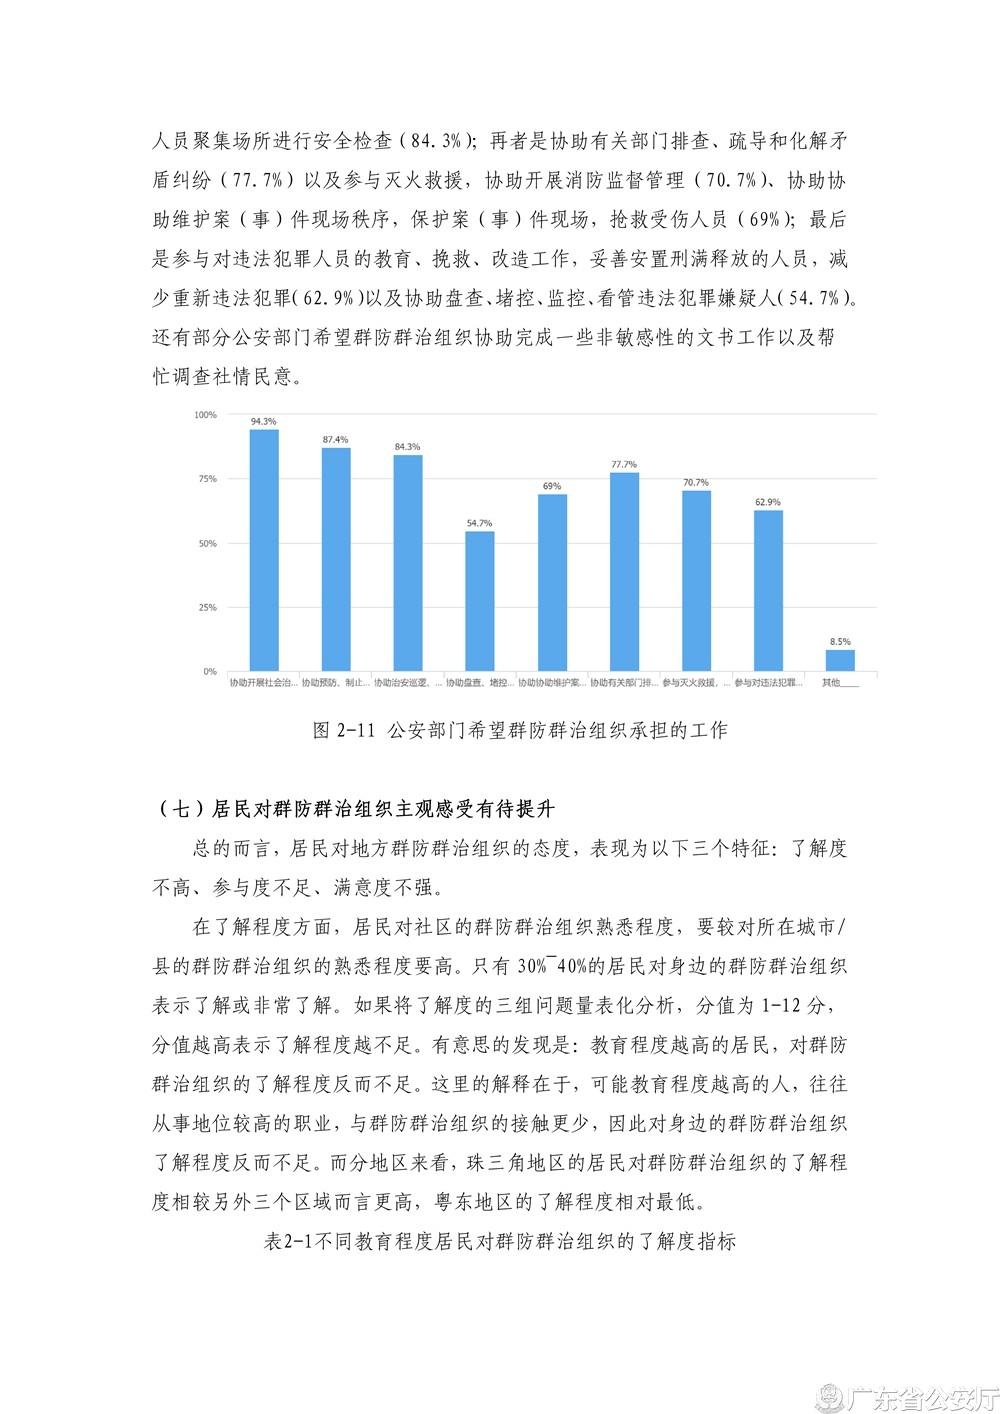 文档1_11.jpg